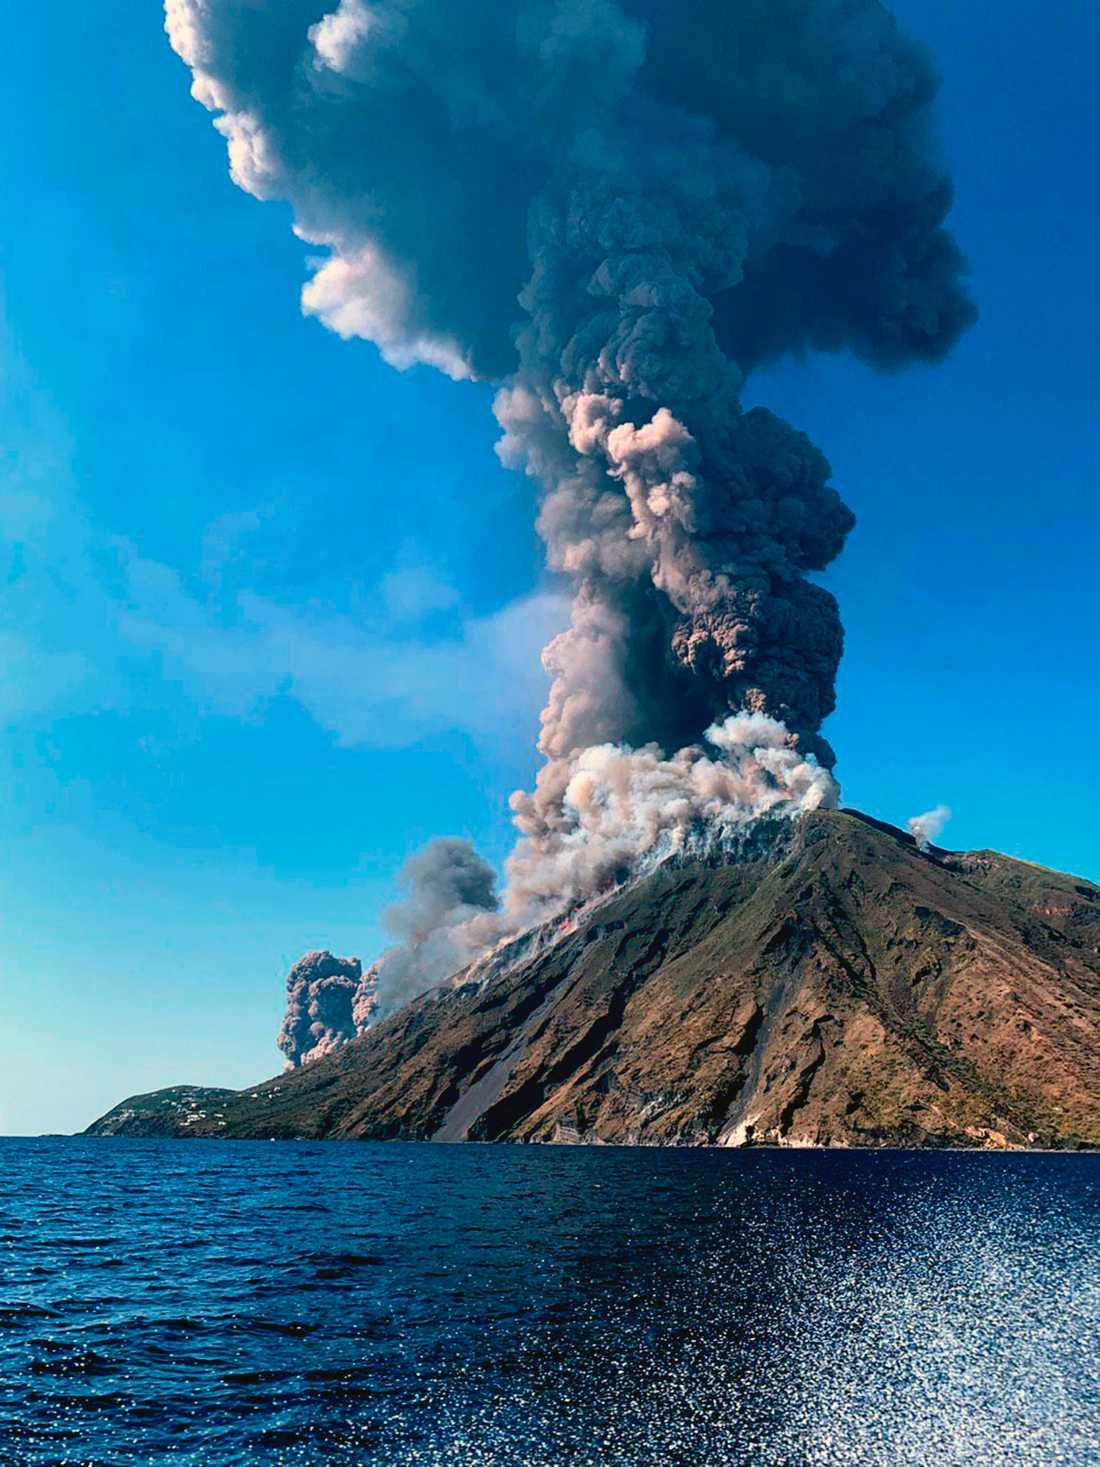 Vulkanen på italienska ön Stromboli.